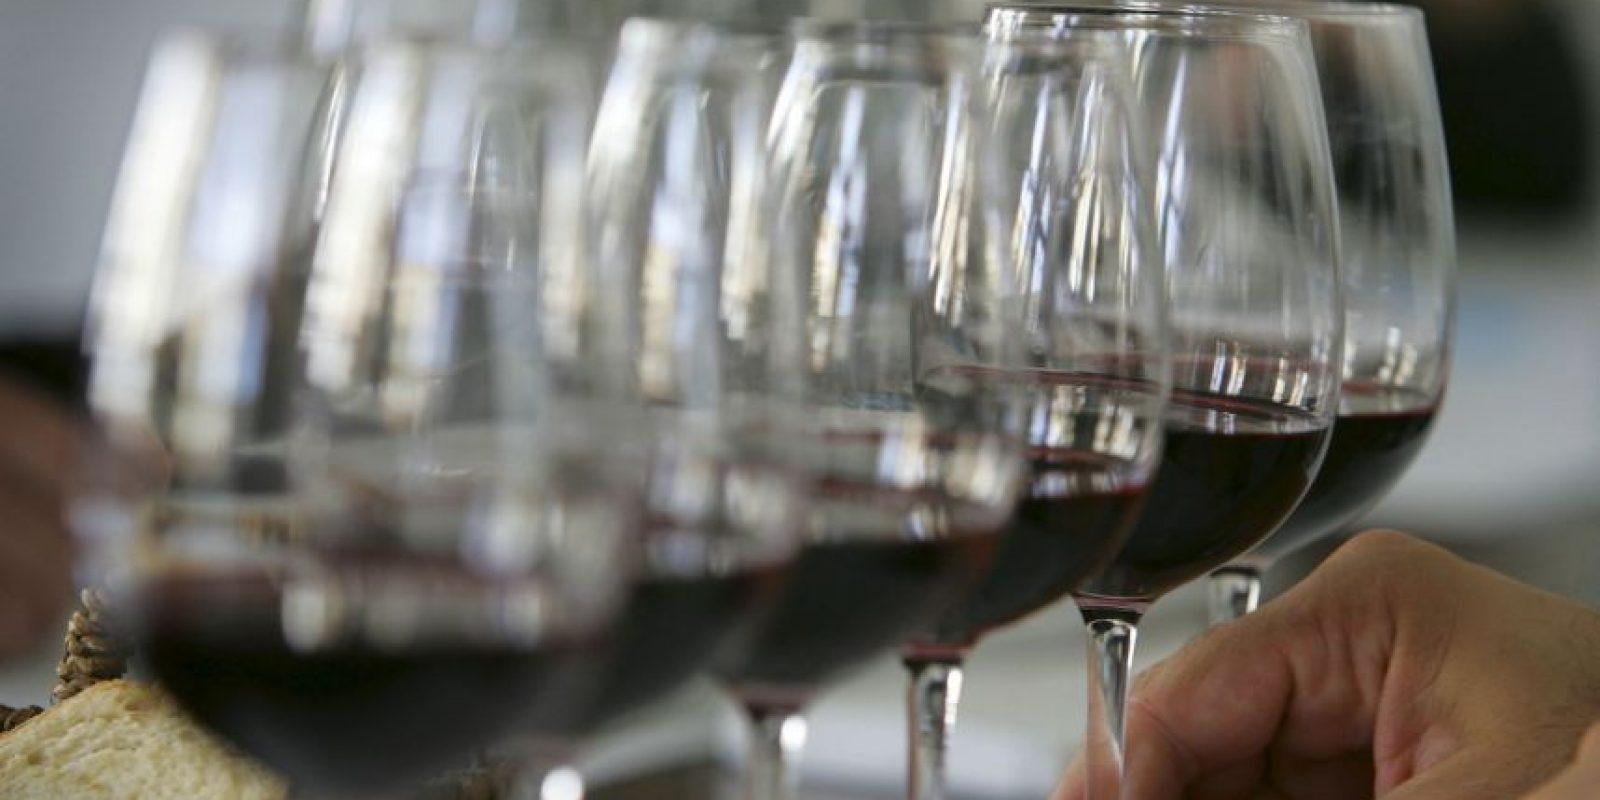 Los científicos sugieren que esto se debe a que los antioxidantes de esta bebida aumentan el flujo sanguíneo en zonas clave del organismo. Foto:Getty Images